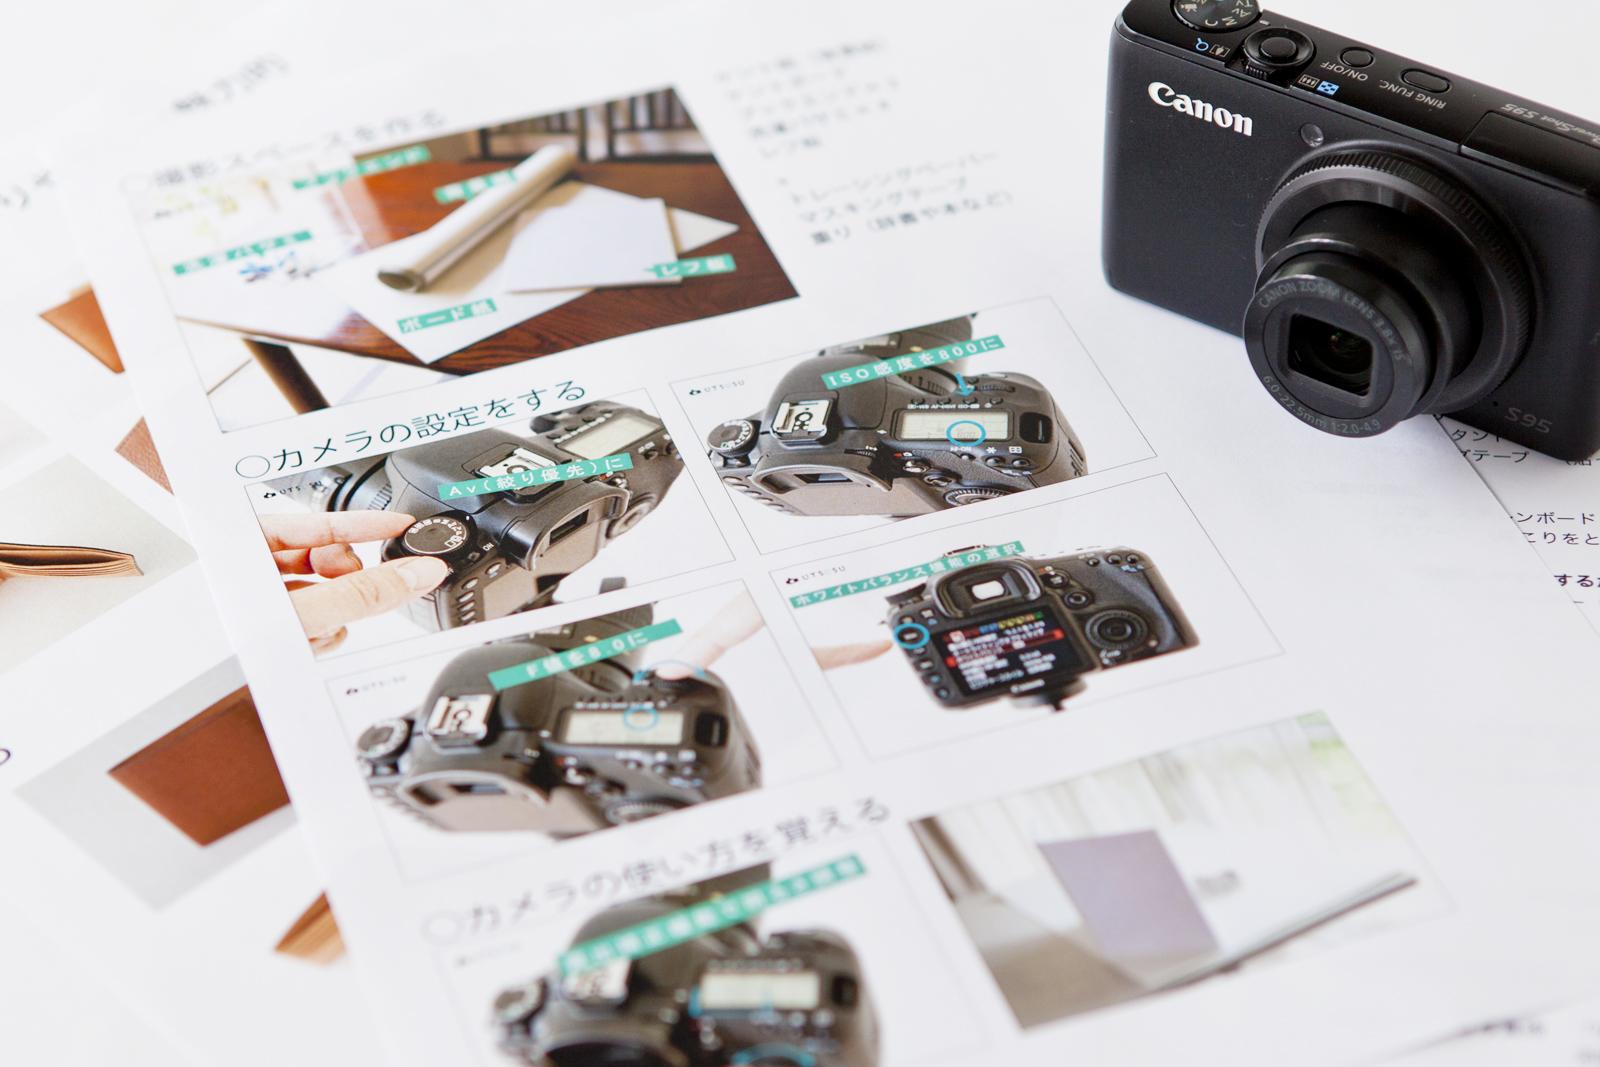 商品撮影に適したカメラの設定